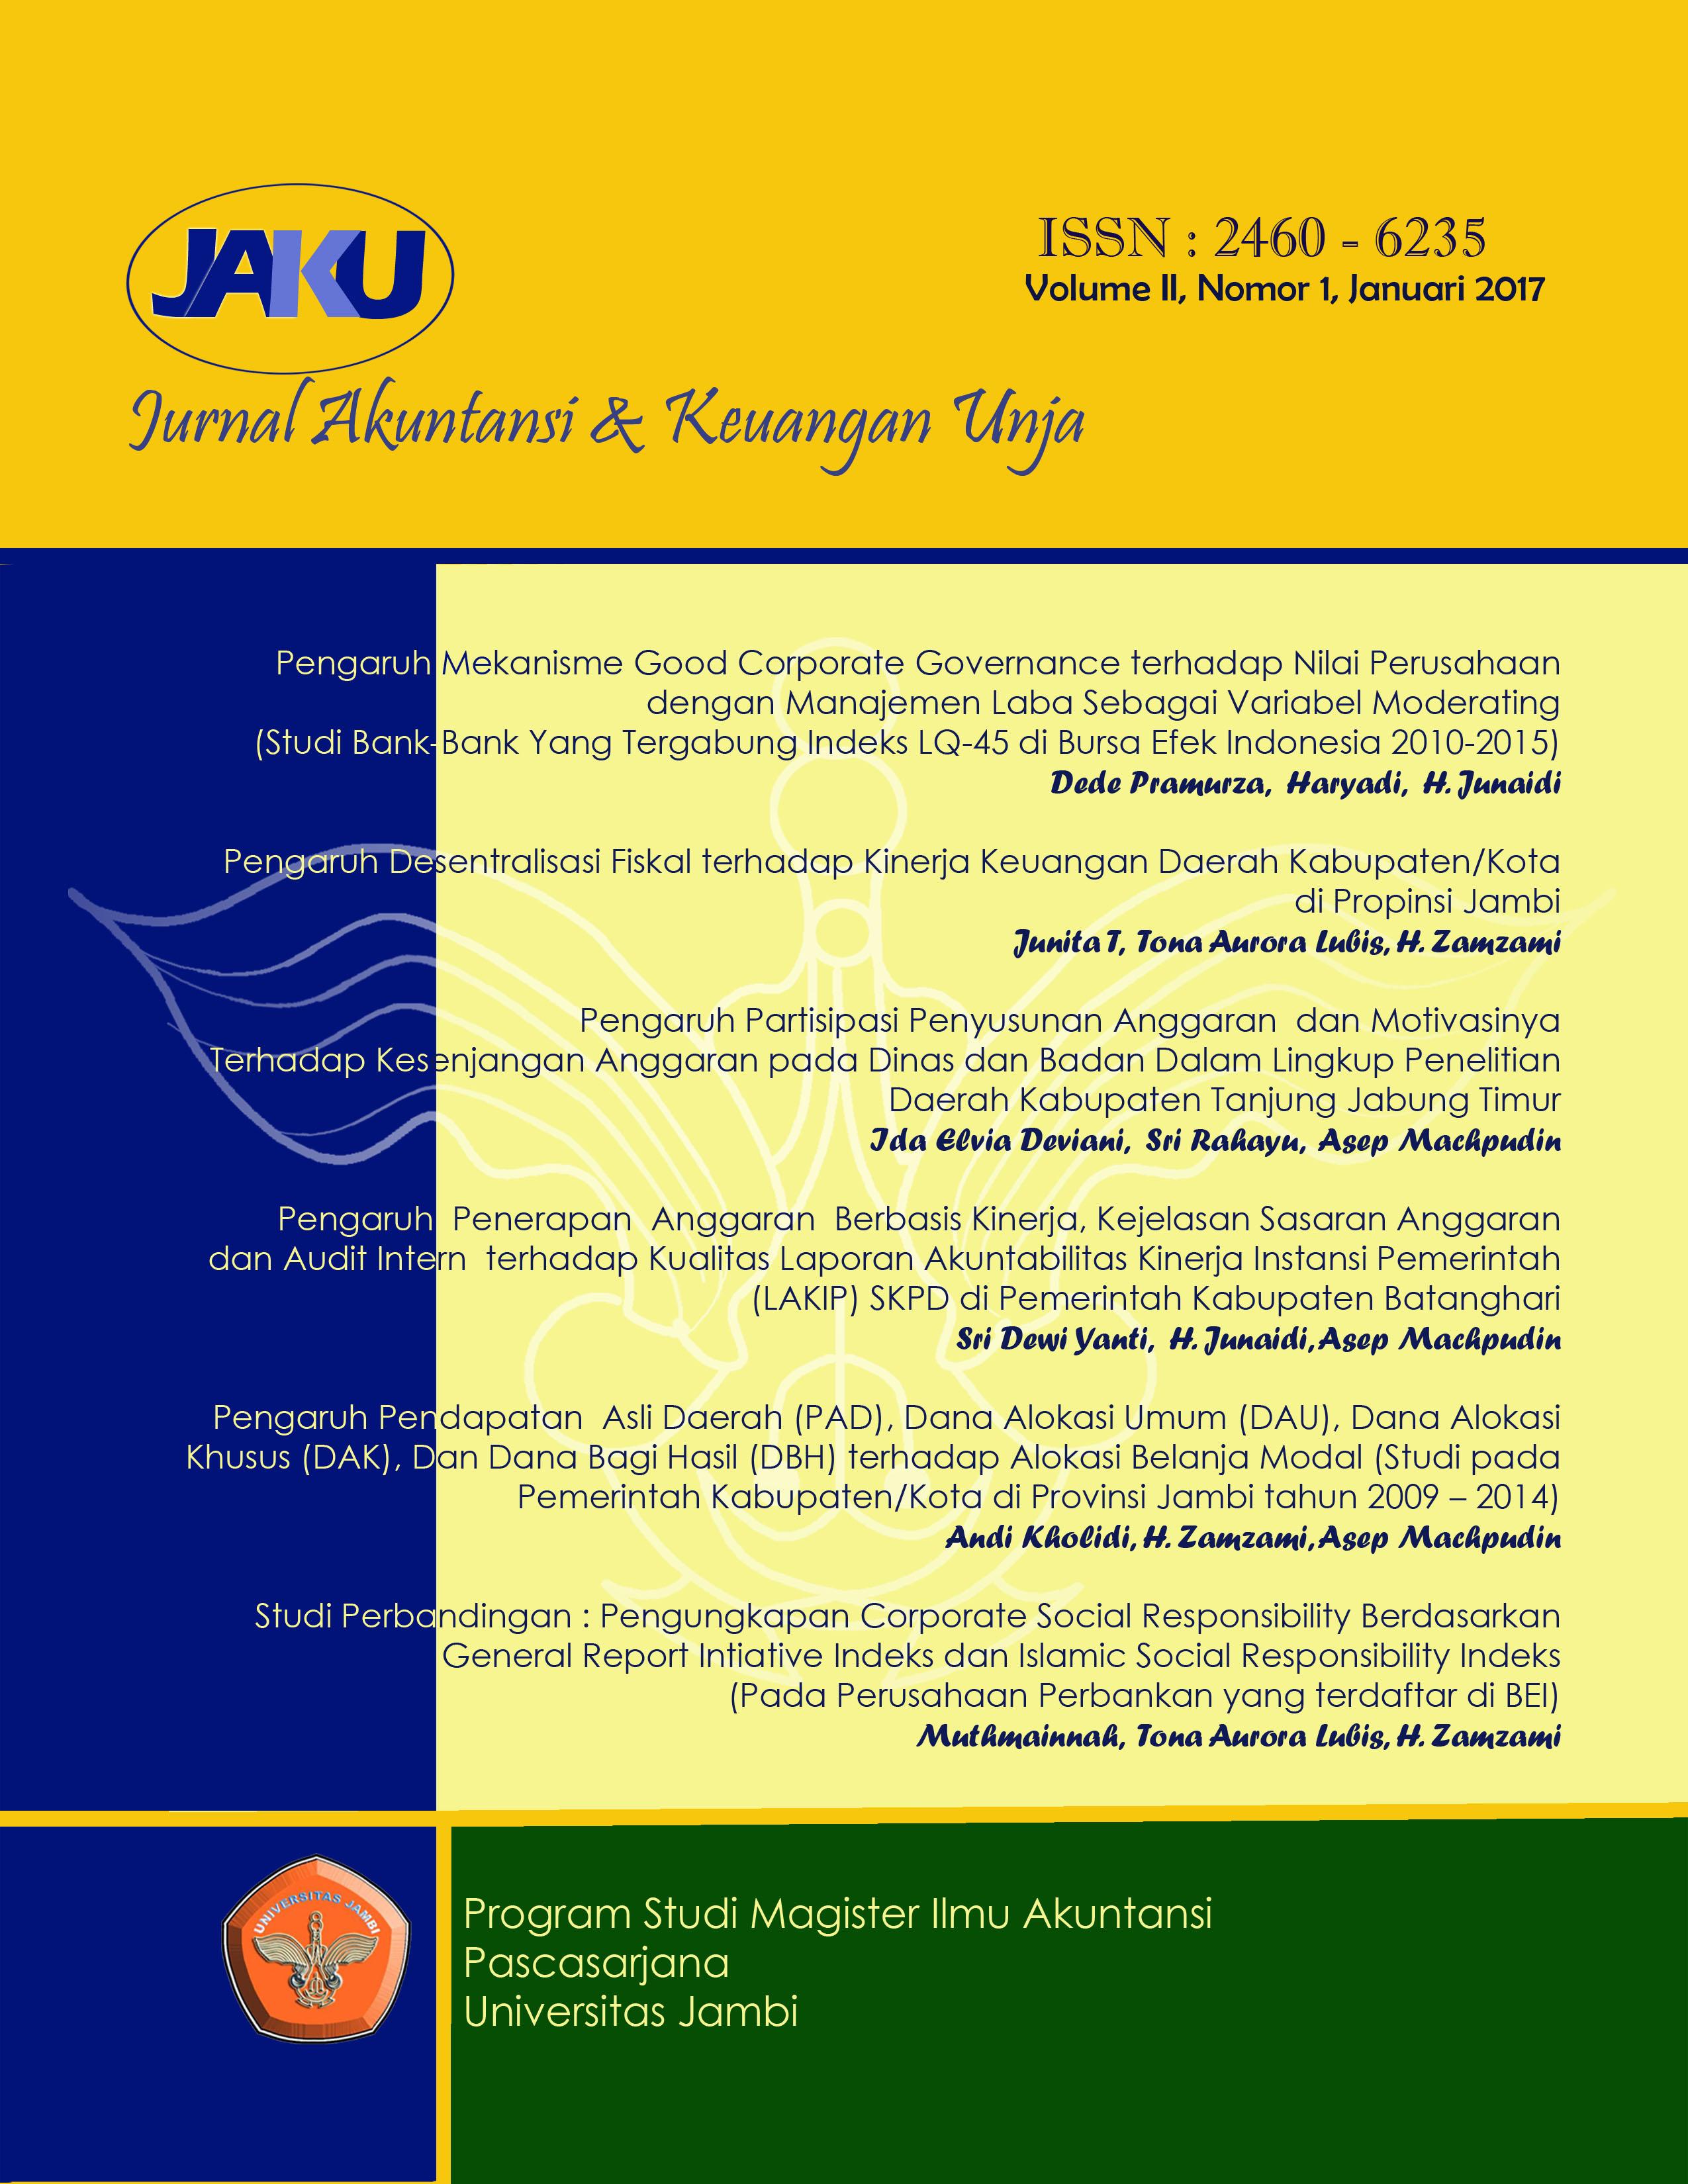 View Vol. 2 No. 1 (2017): Jurnal Akuntansi & Keuangan Unja